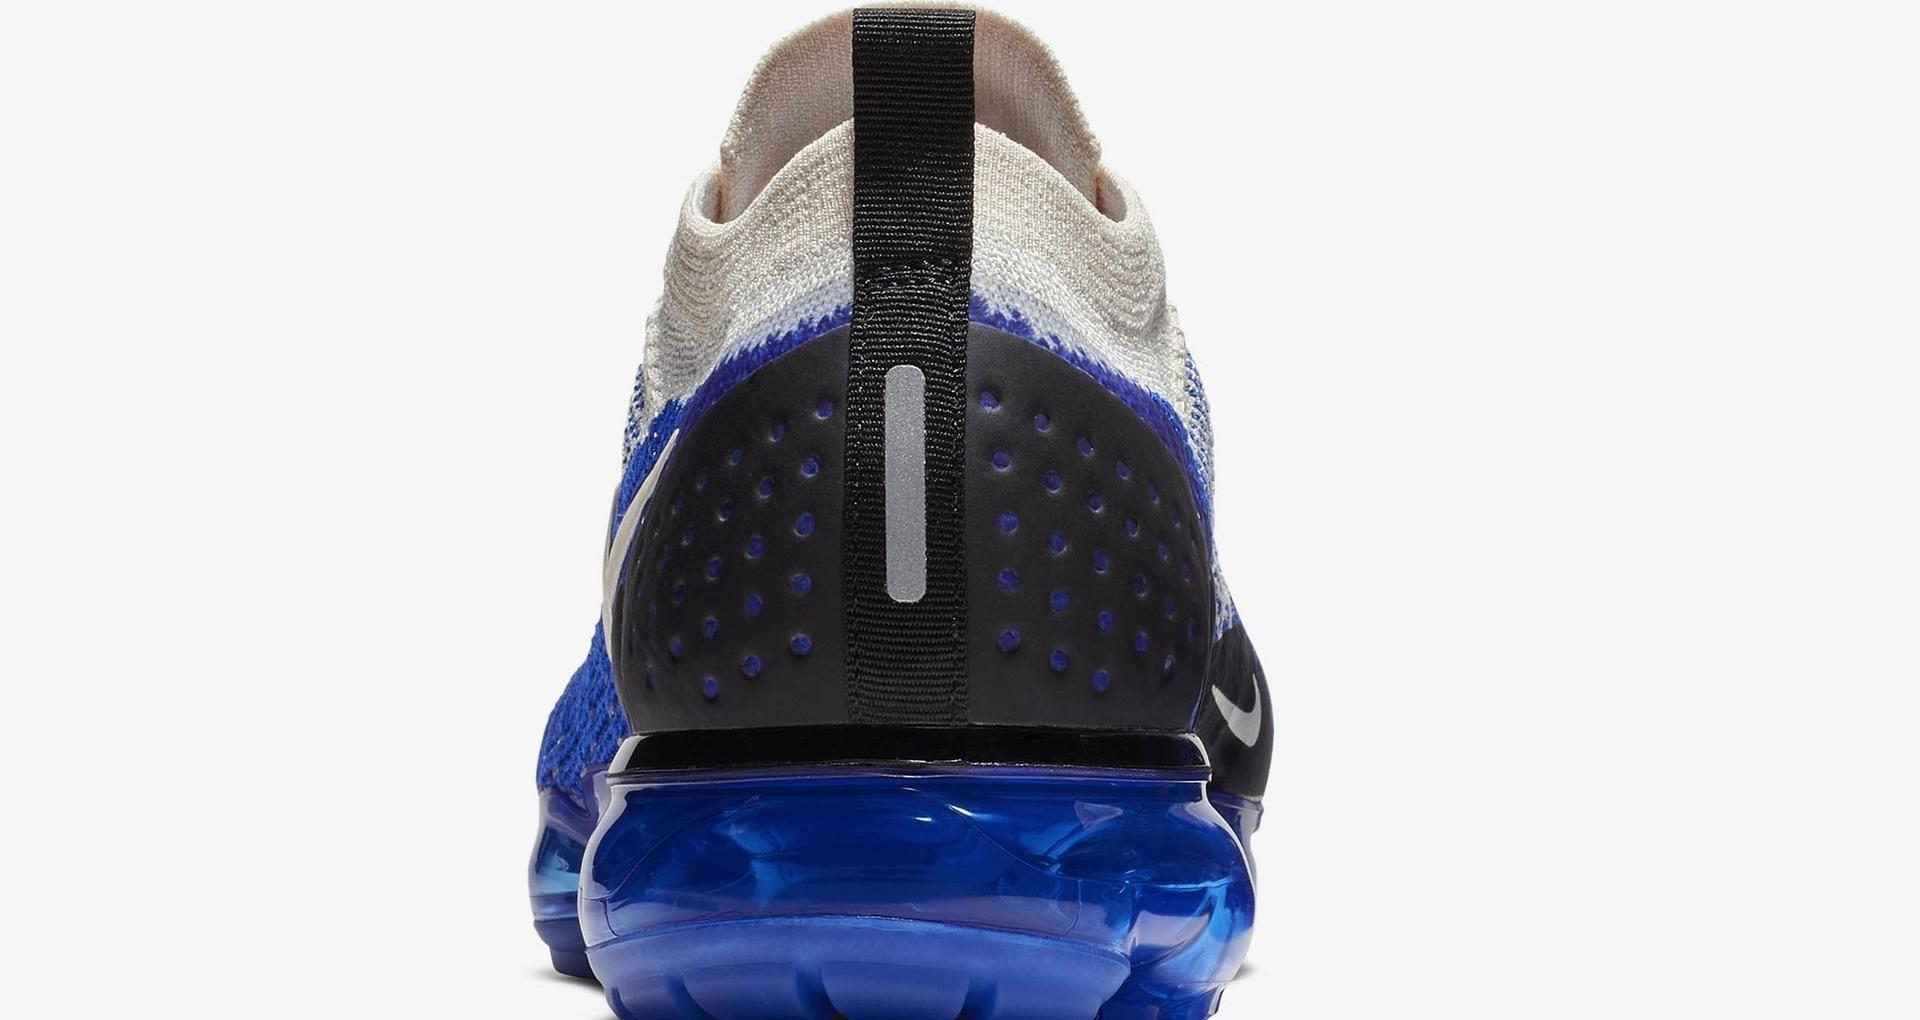 online store 9afa3 8fac1 Nike Air Vapormax Flyknit 2 'Light Cream & Racer Blue ...